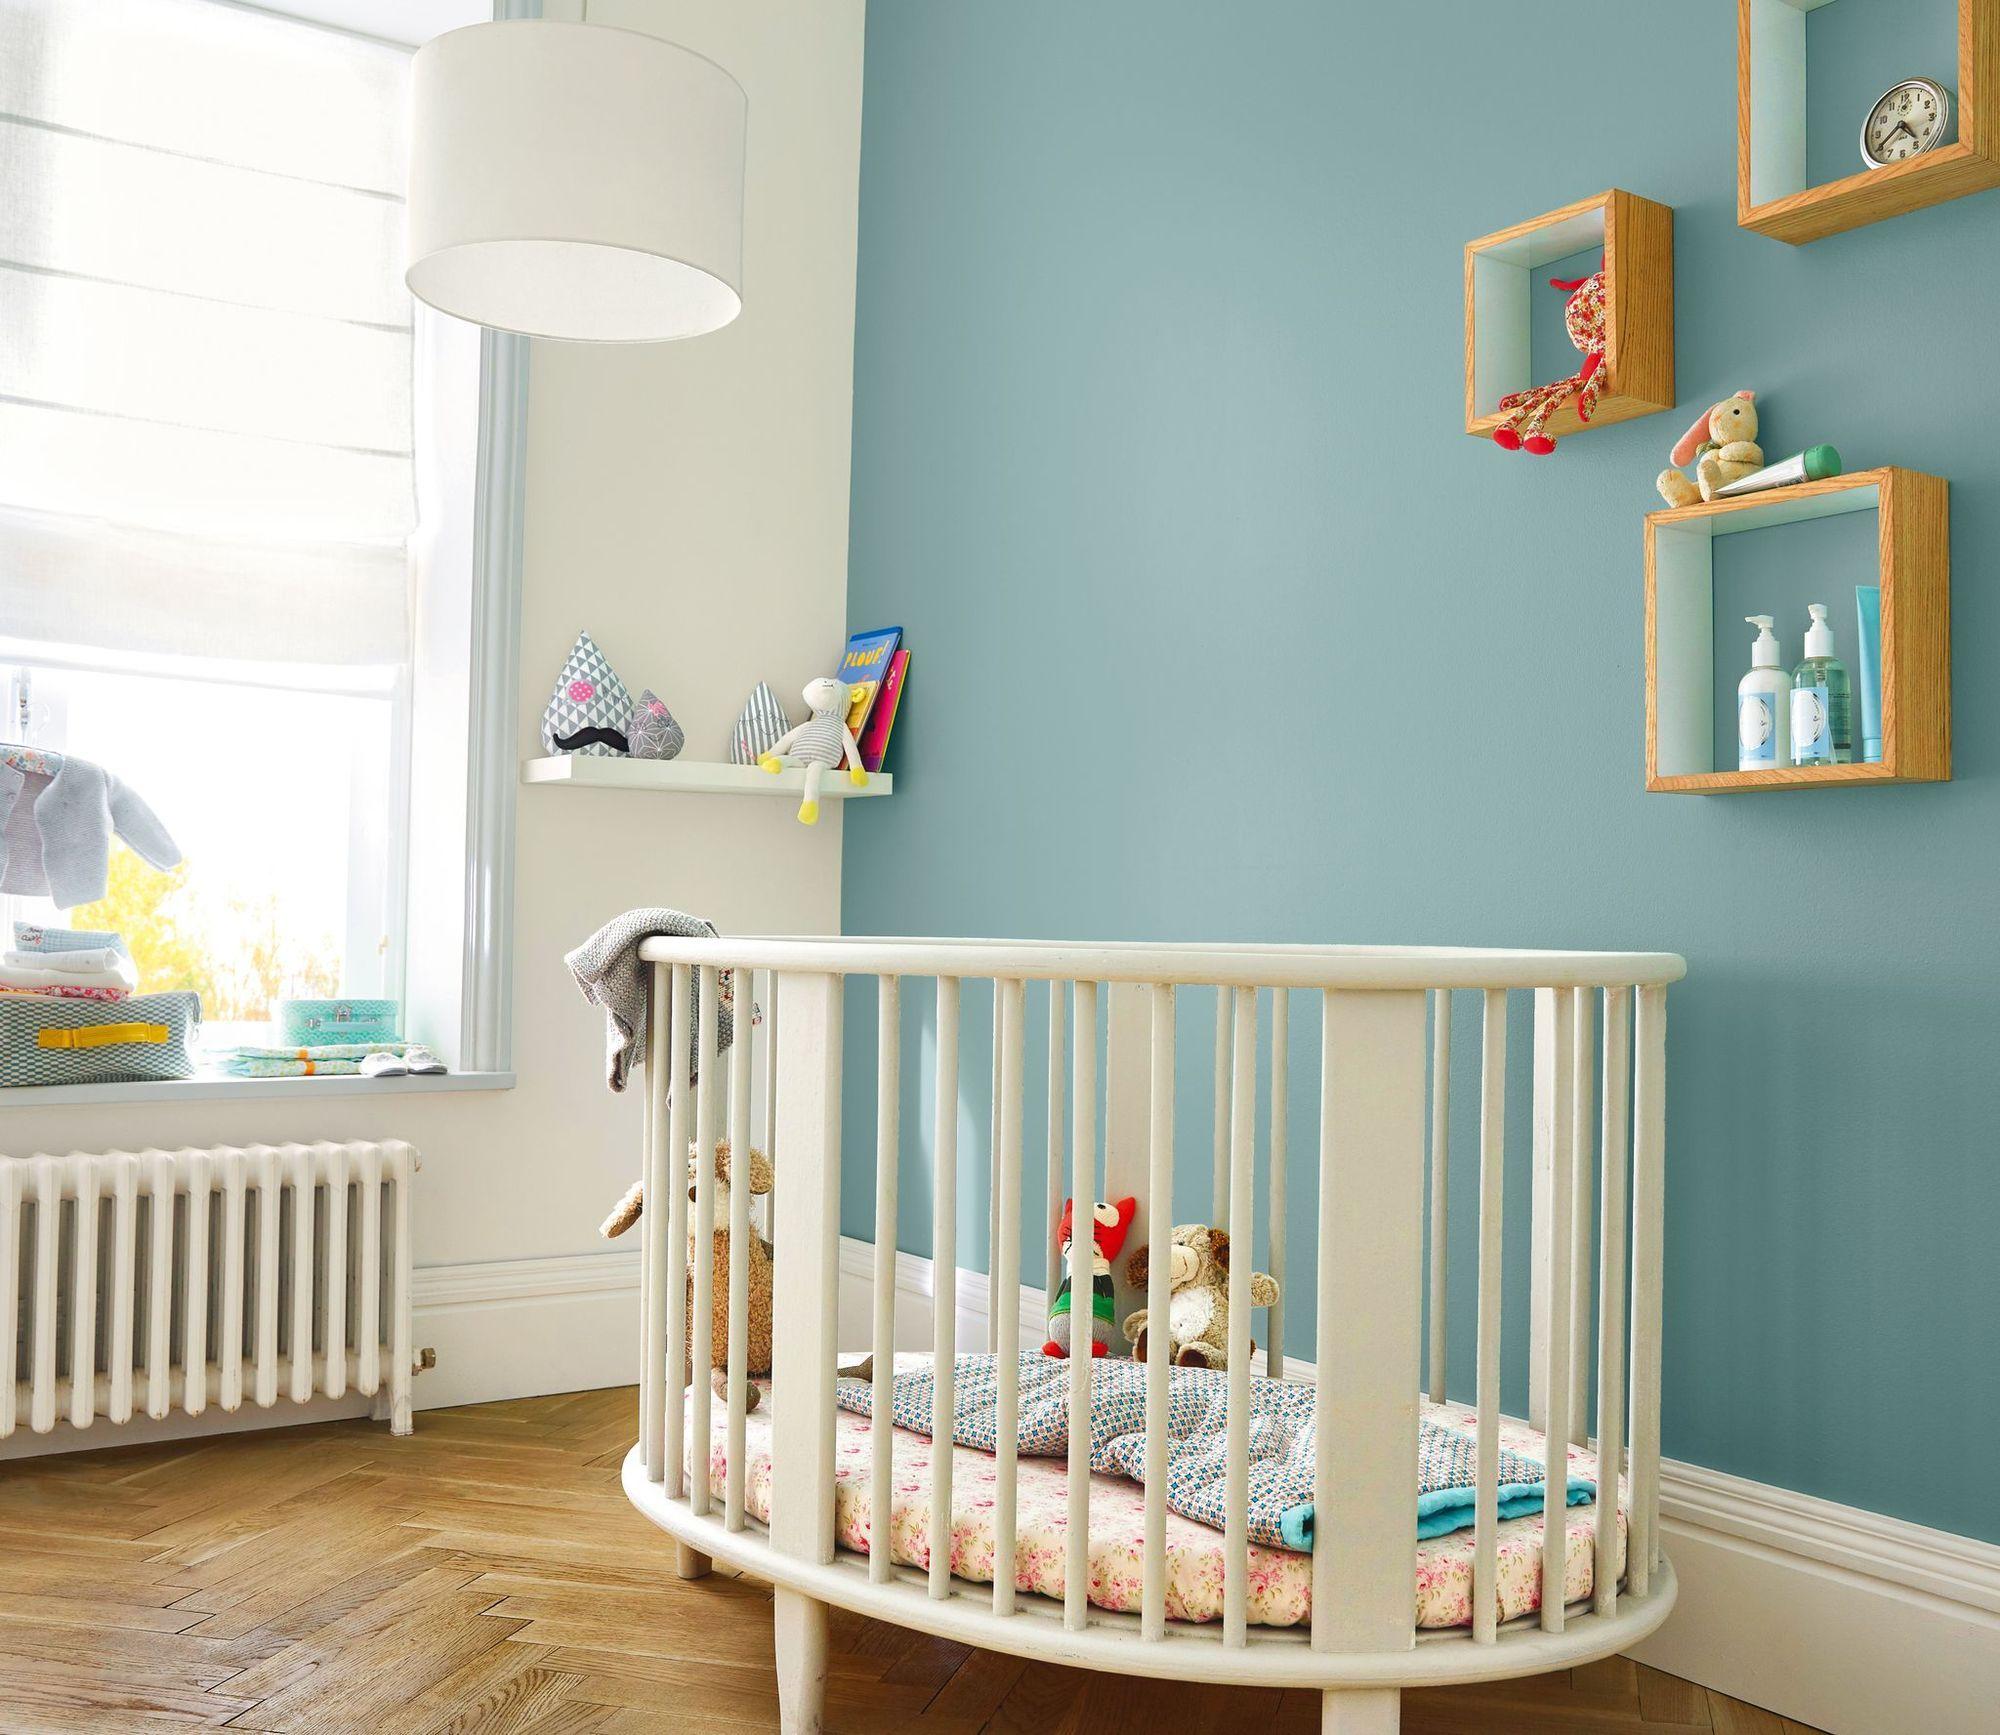 Quelle Couleur Chambre Bébé Garçon peinture chambre fille, garçon, ado, bébé : quelle couleur